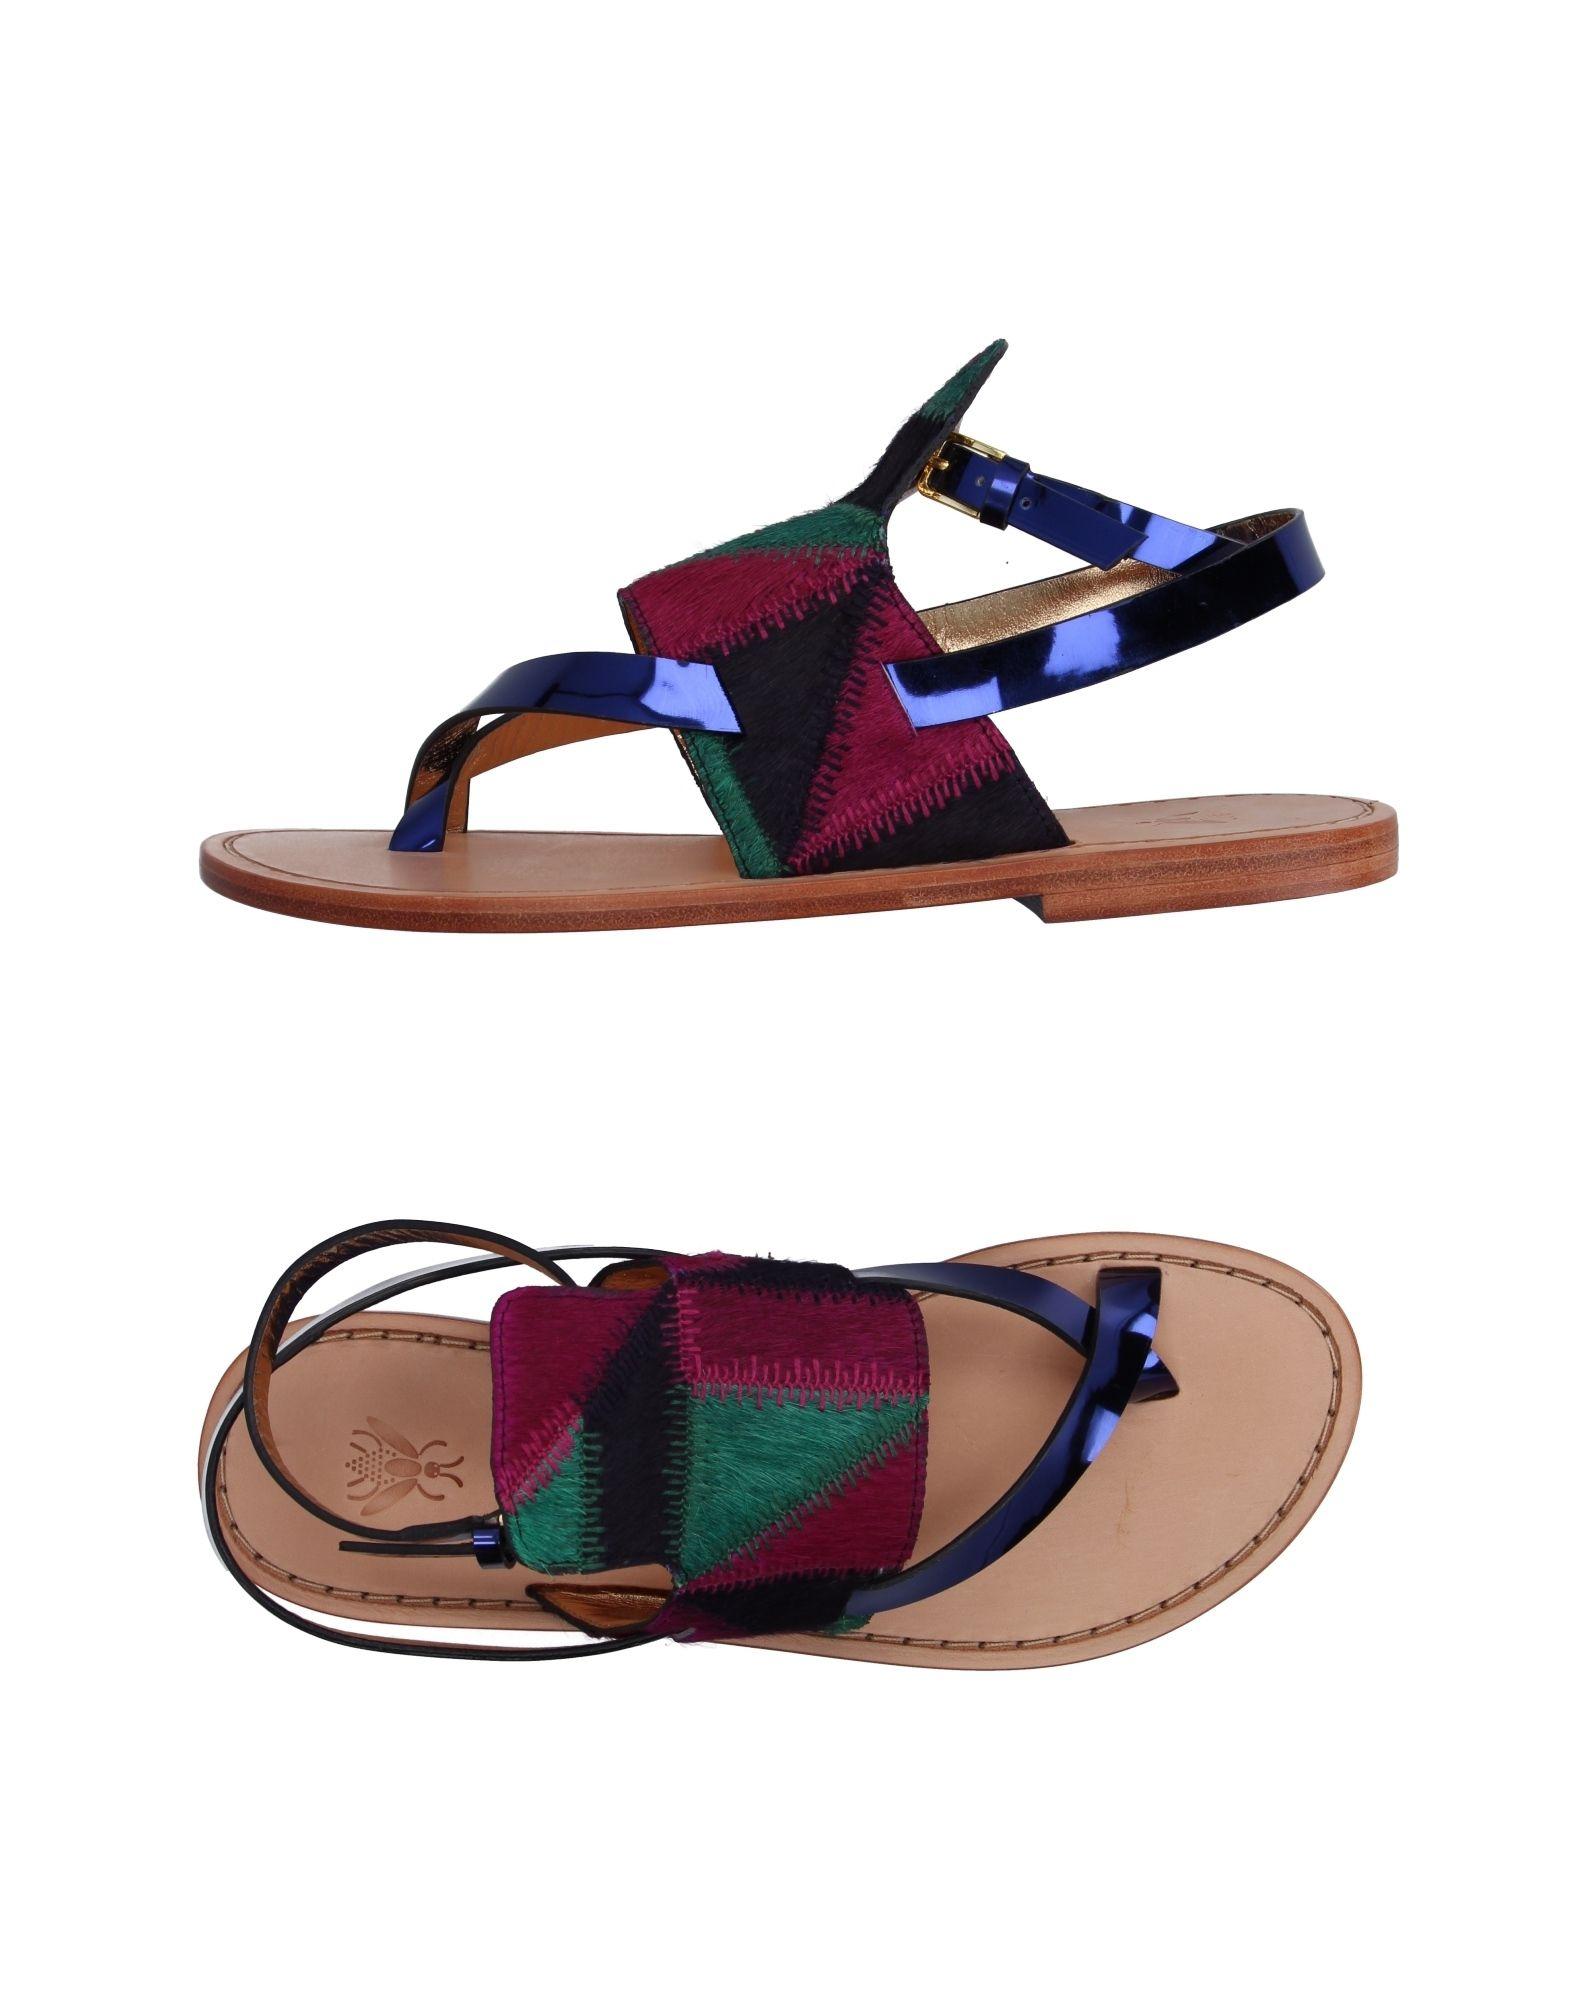 SANCHITA Flip Flops in Garnet